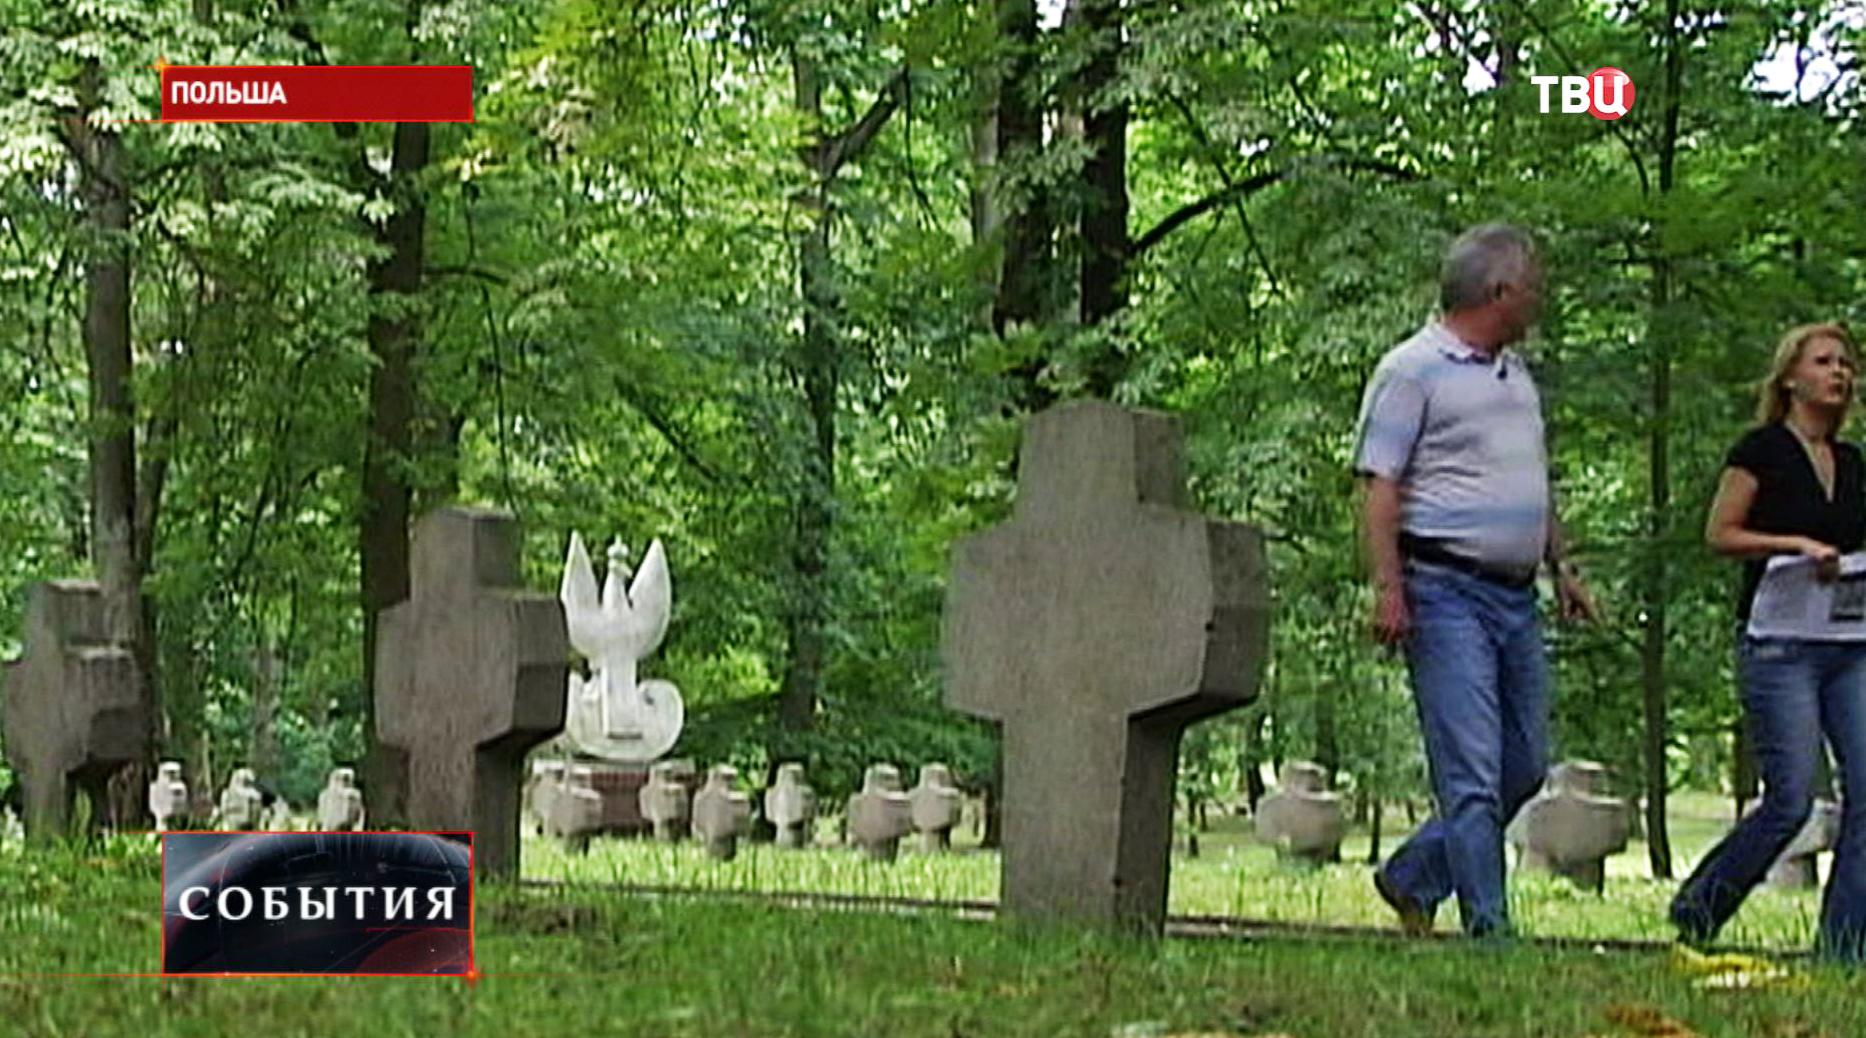 Кладбище в Польше